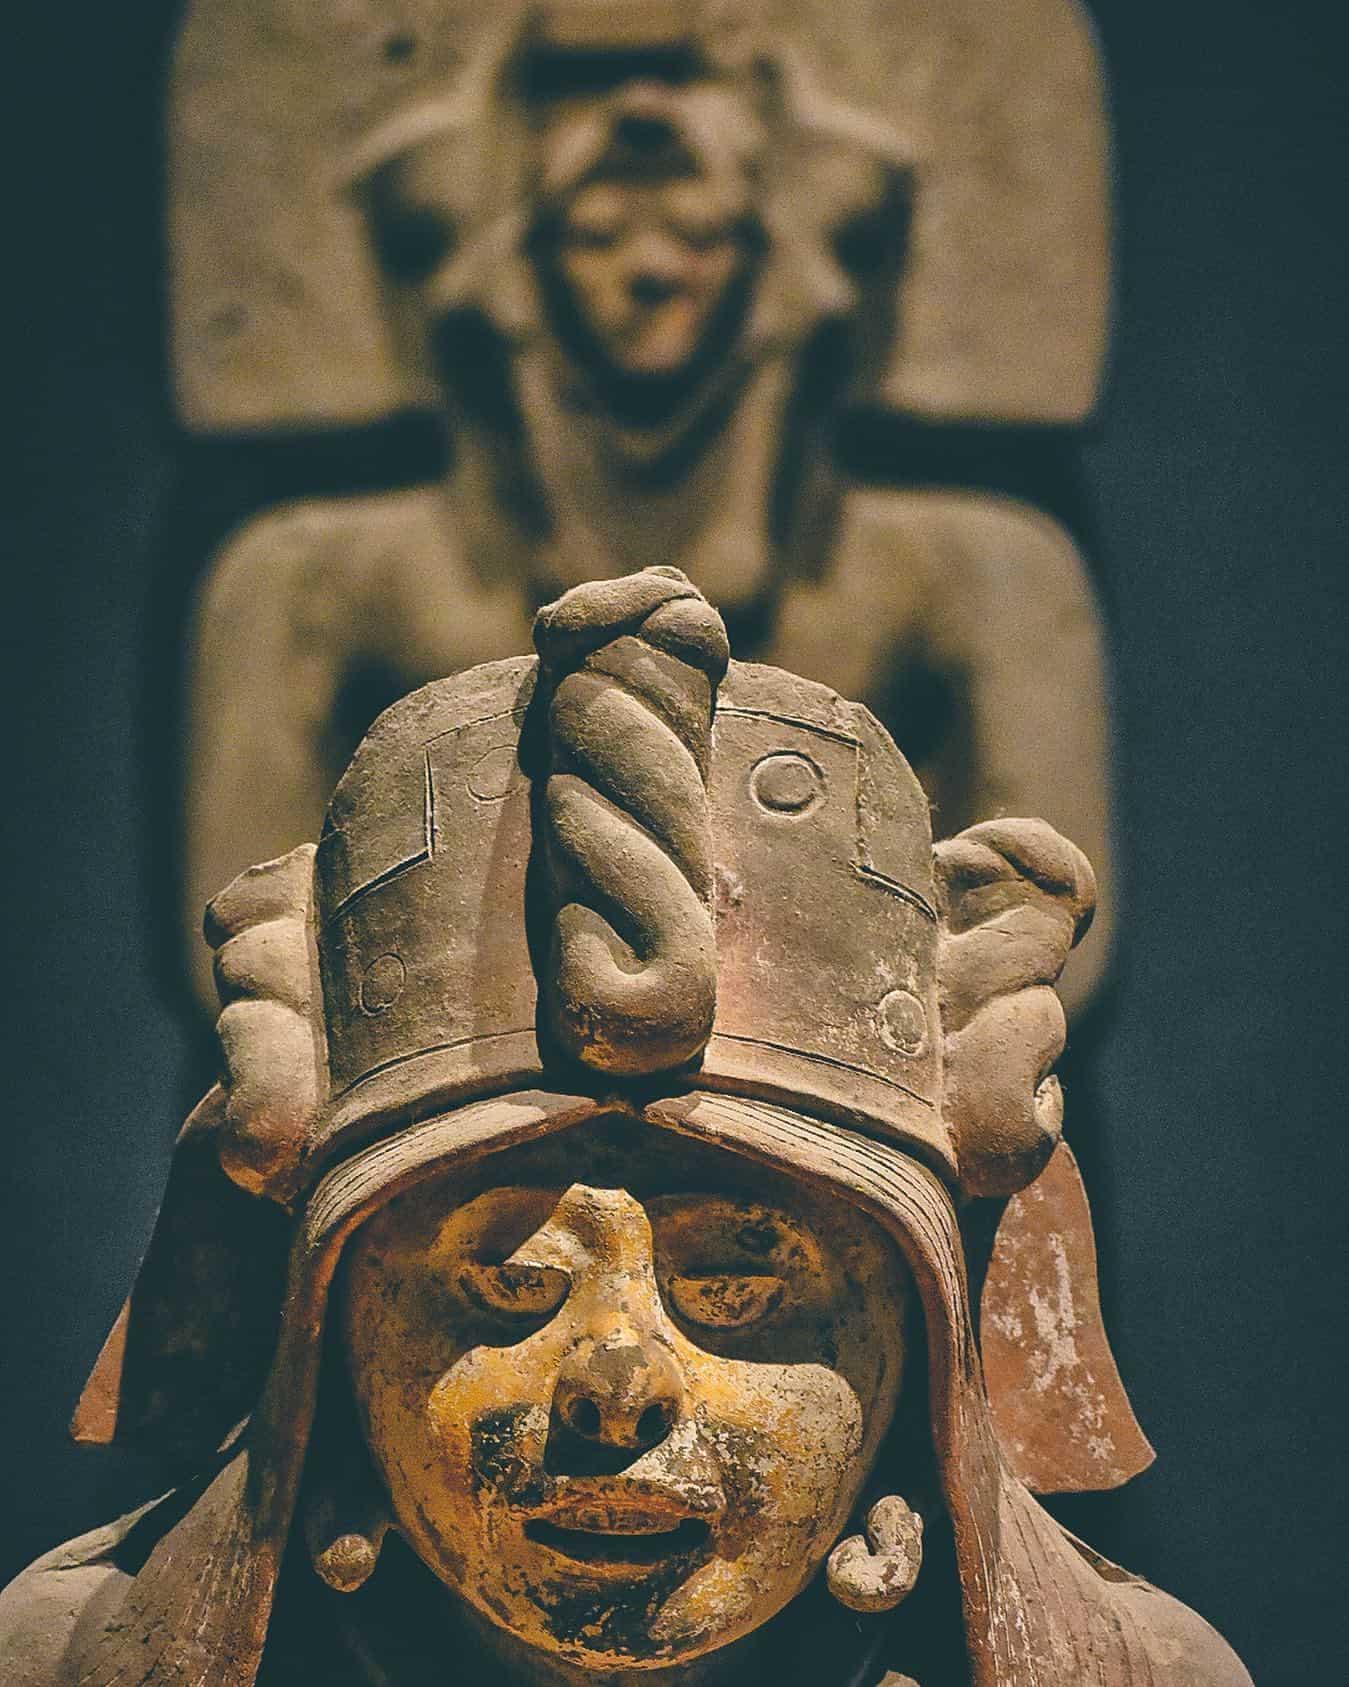 MUSEO NACIONAL DE ANTROPOLOGIA 4